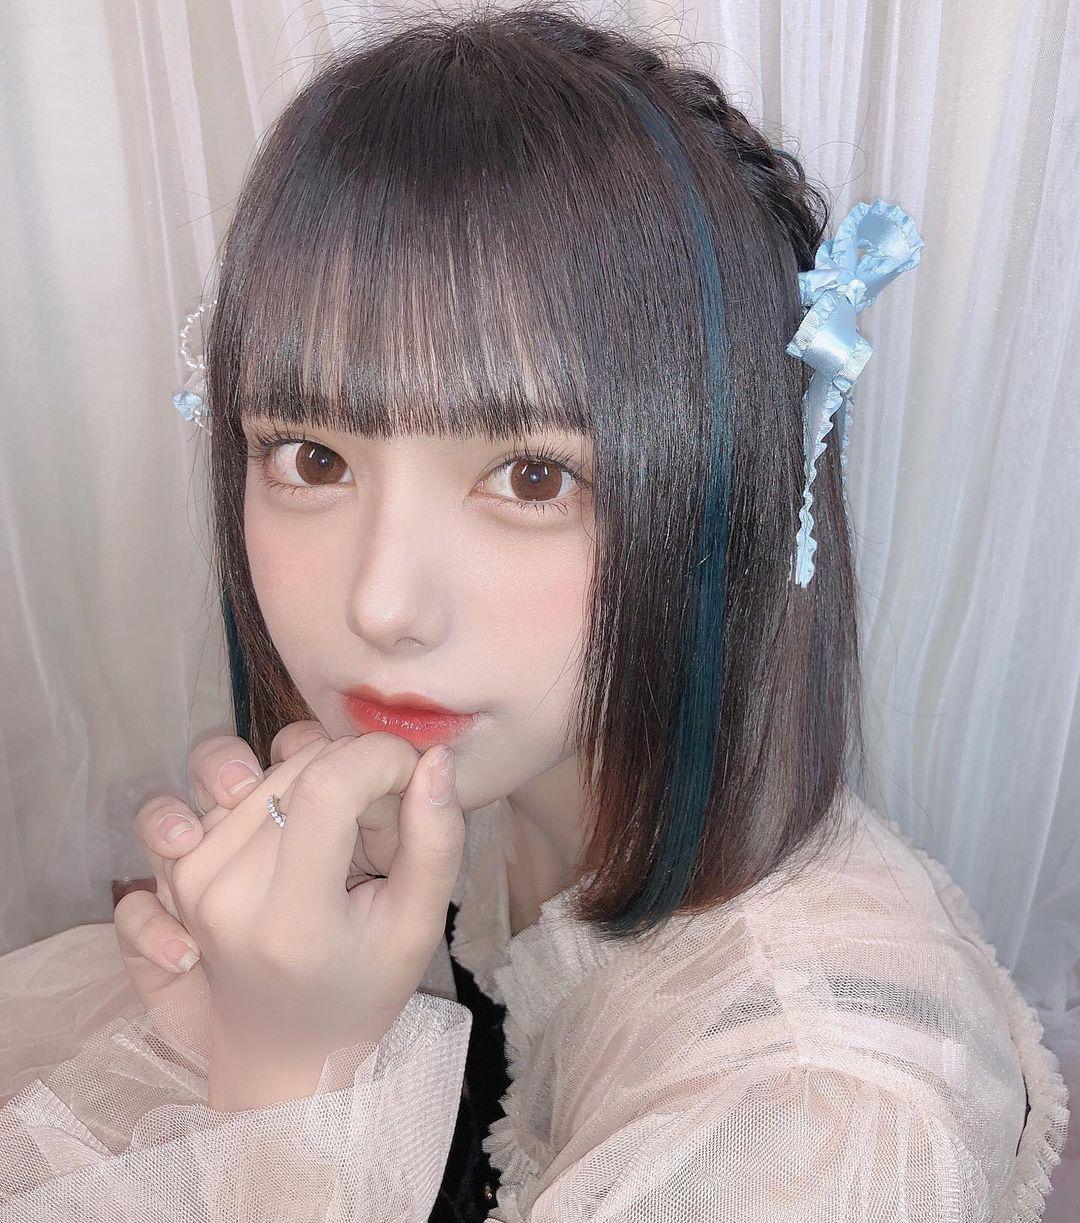 短发萝莉偶像「宫崎あみさ」,邻家女孩气场妹力满点-新图包